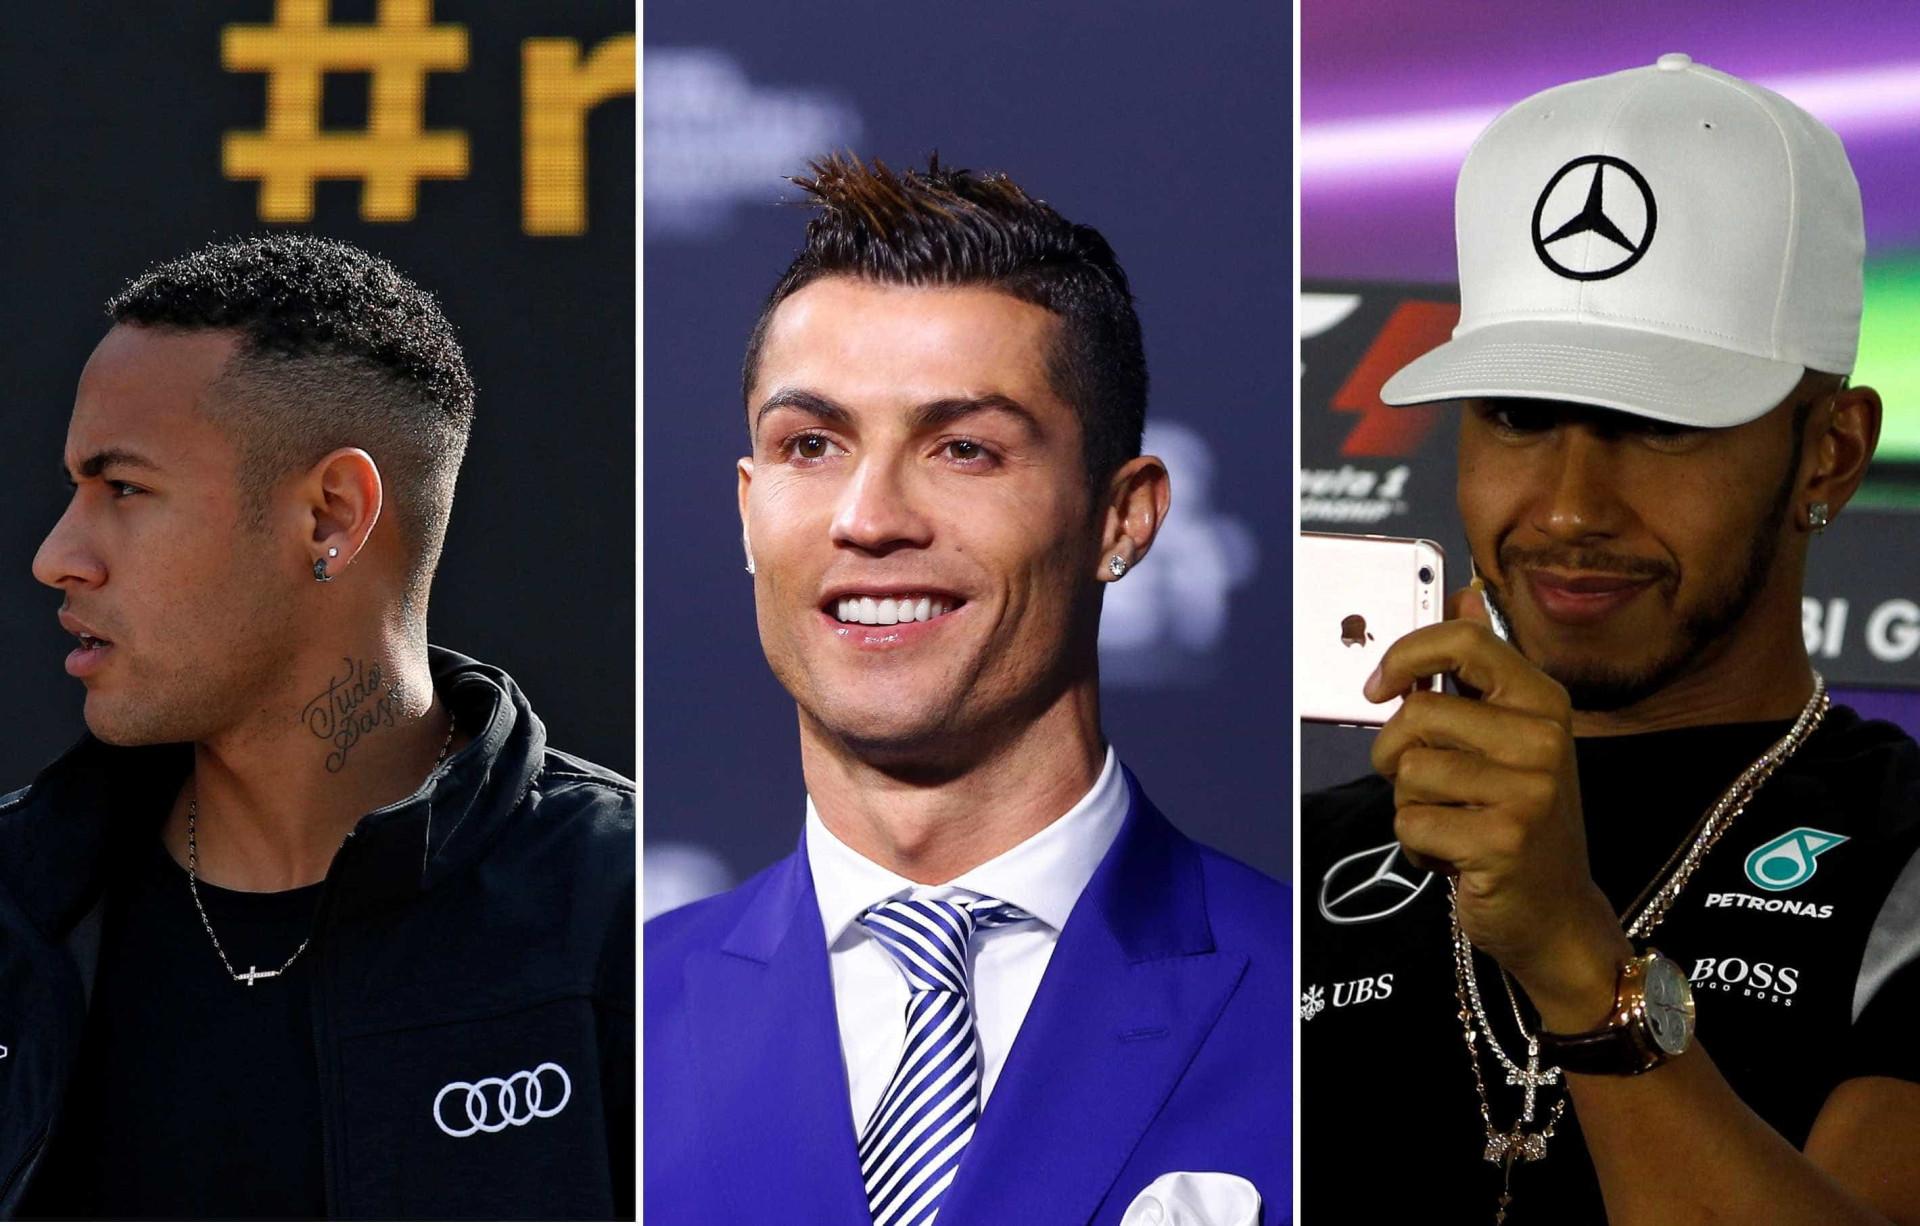 Saiba quem são os 23 atletas mais bem pagos do mundo